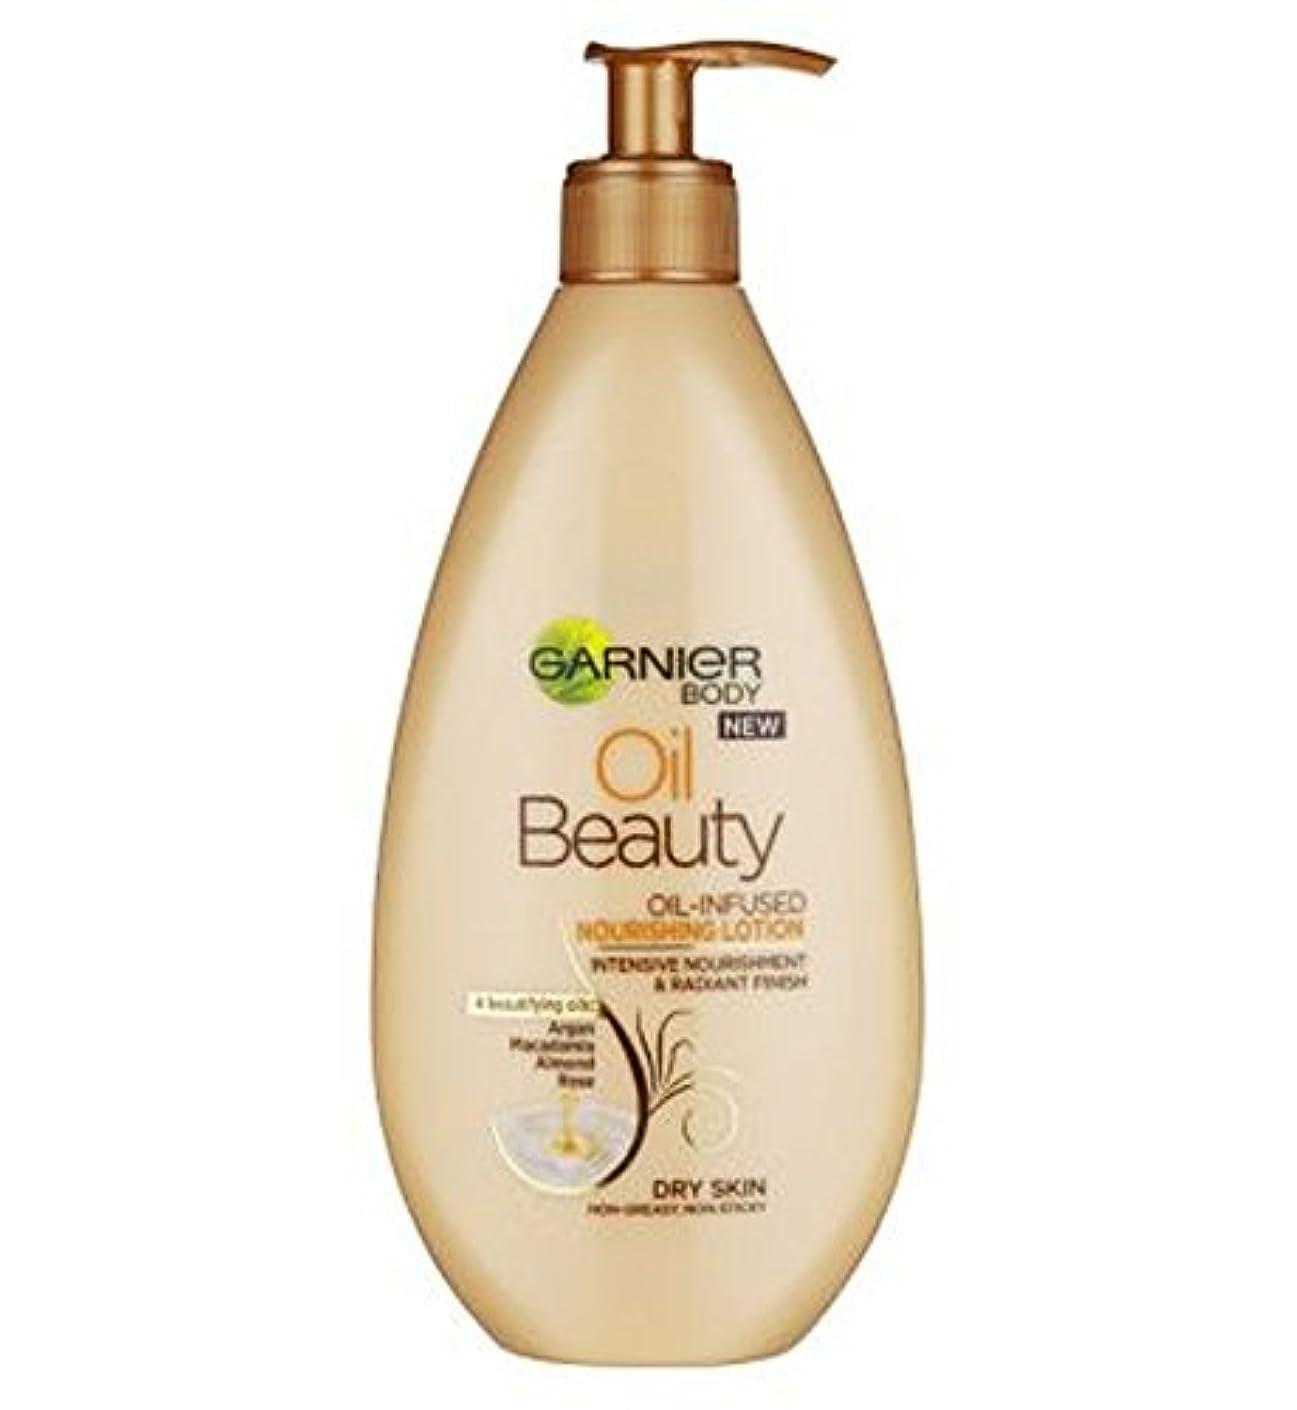 勇敢な枢機卿優遇ガルニエ究極の美容オイル400ミリリットル (Garnier) (x2) - Garnier Ultimate Beauty Oil 400ml (Pack of 2) [並行輸入品]